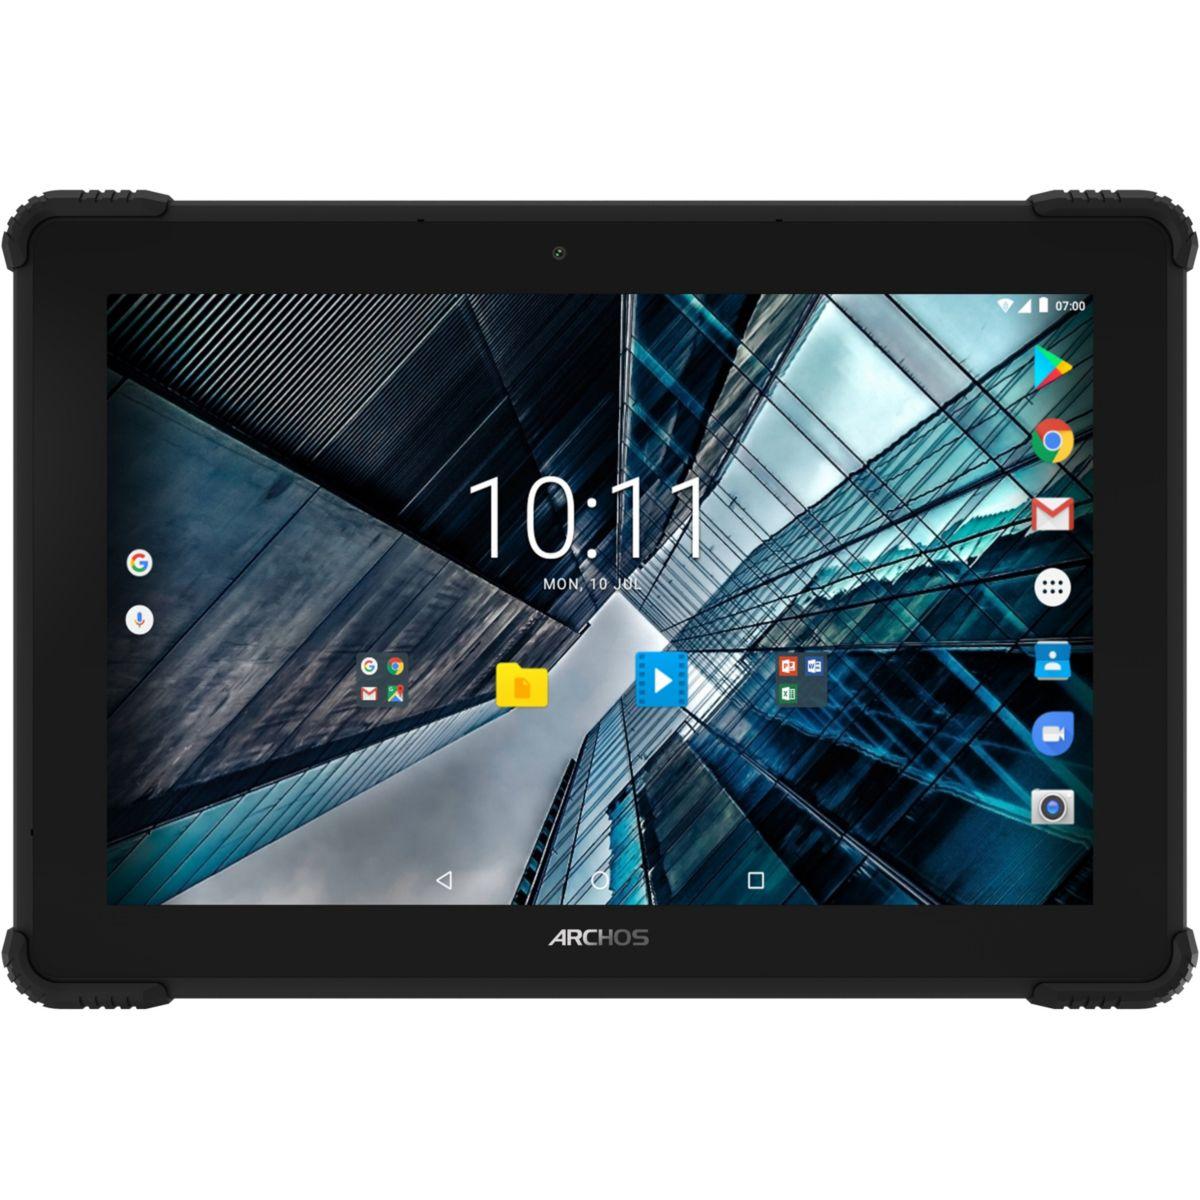 Tablette Android ARCHOS SENSE 101x 4G LTE (photo)